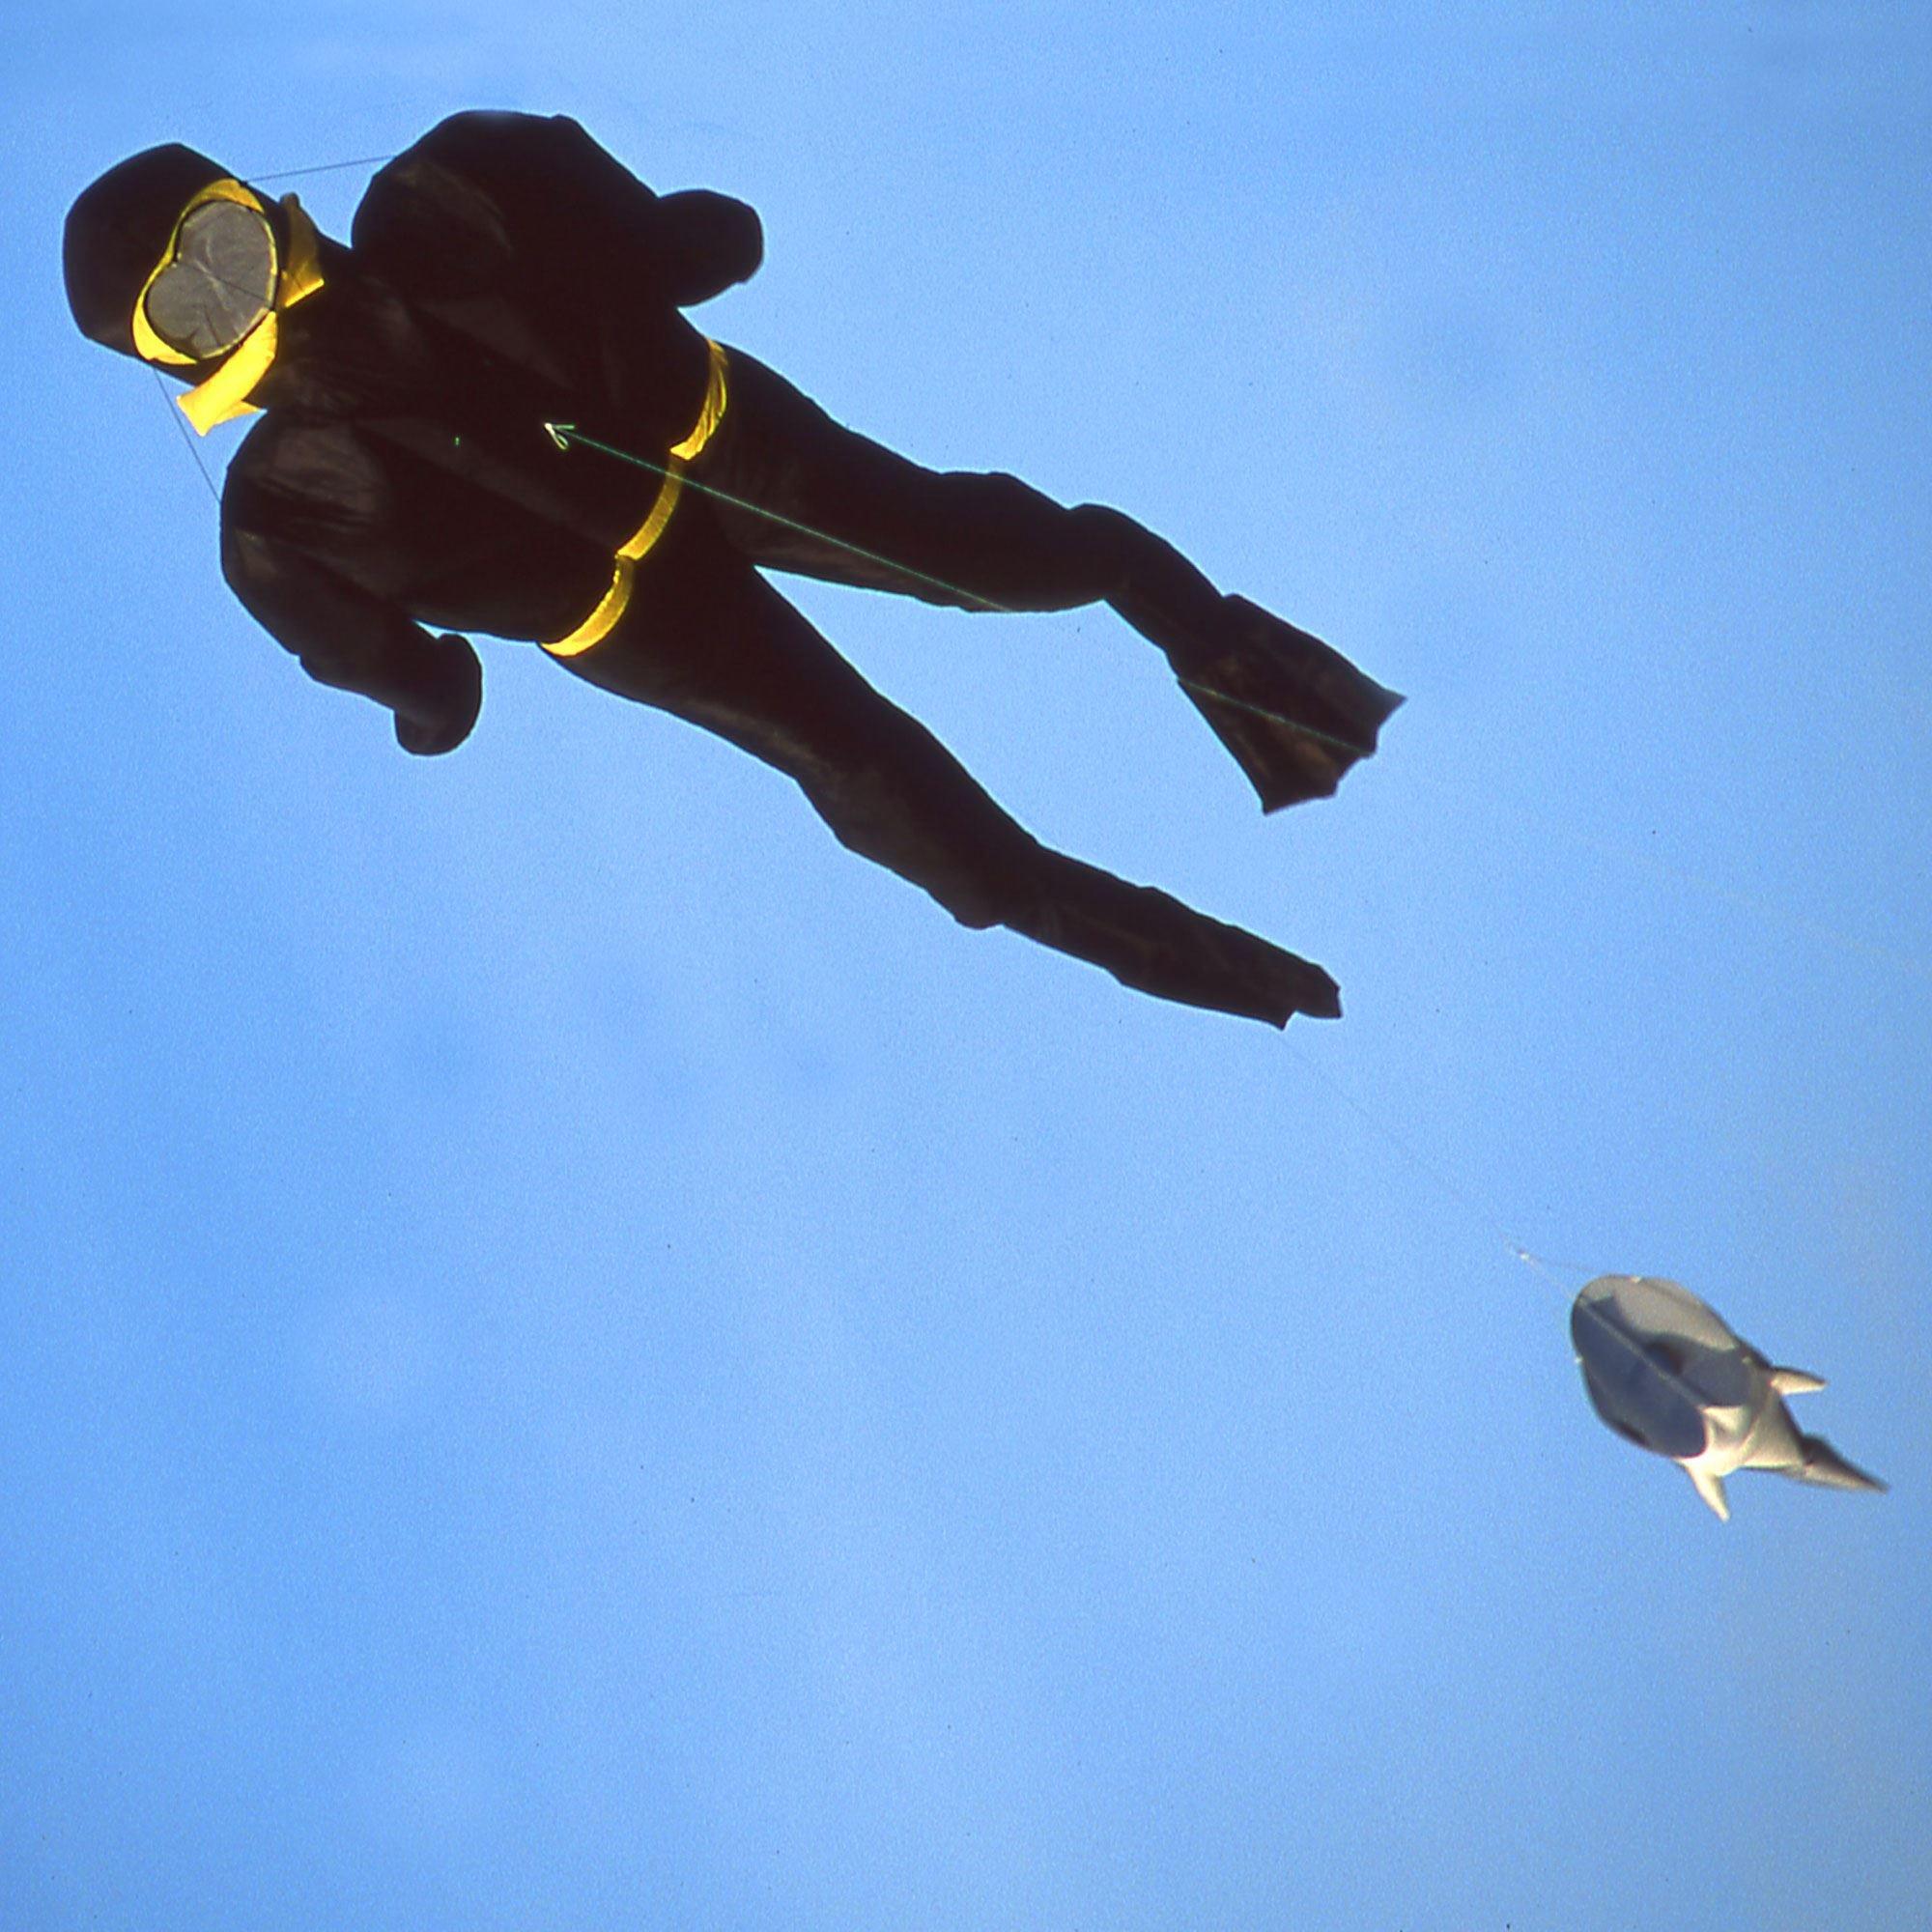 Martin Lester's Albert Ross: Scuba Diver Parafoil Kite by Martin Lester